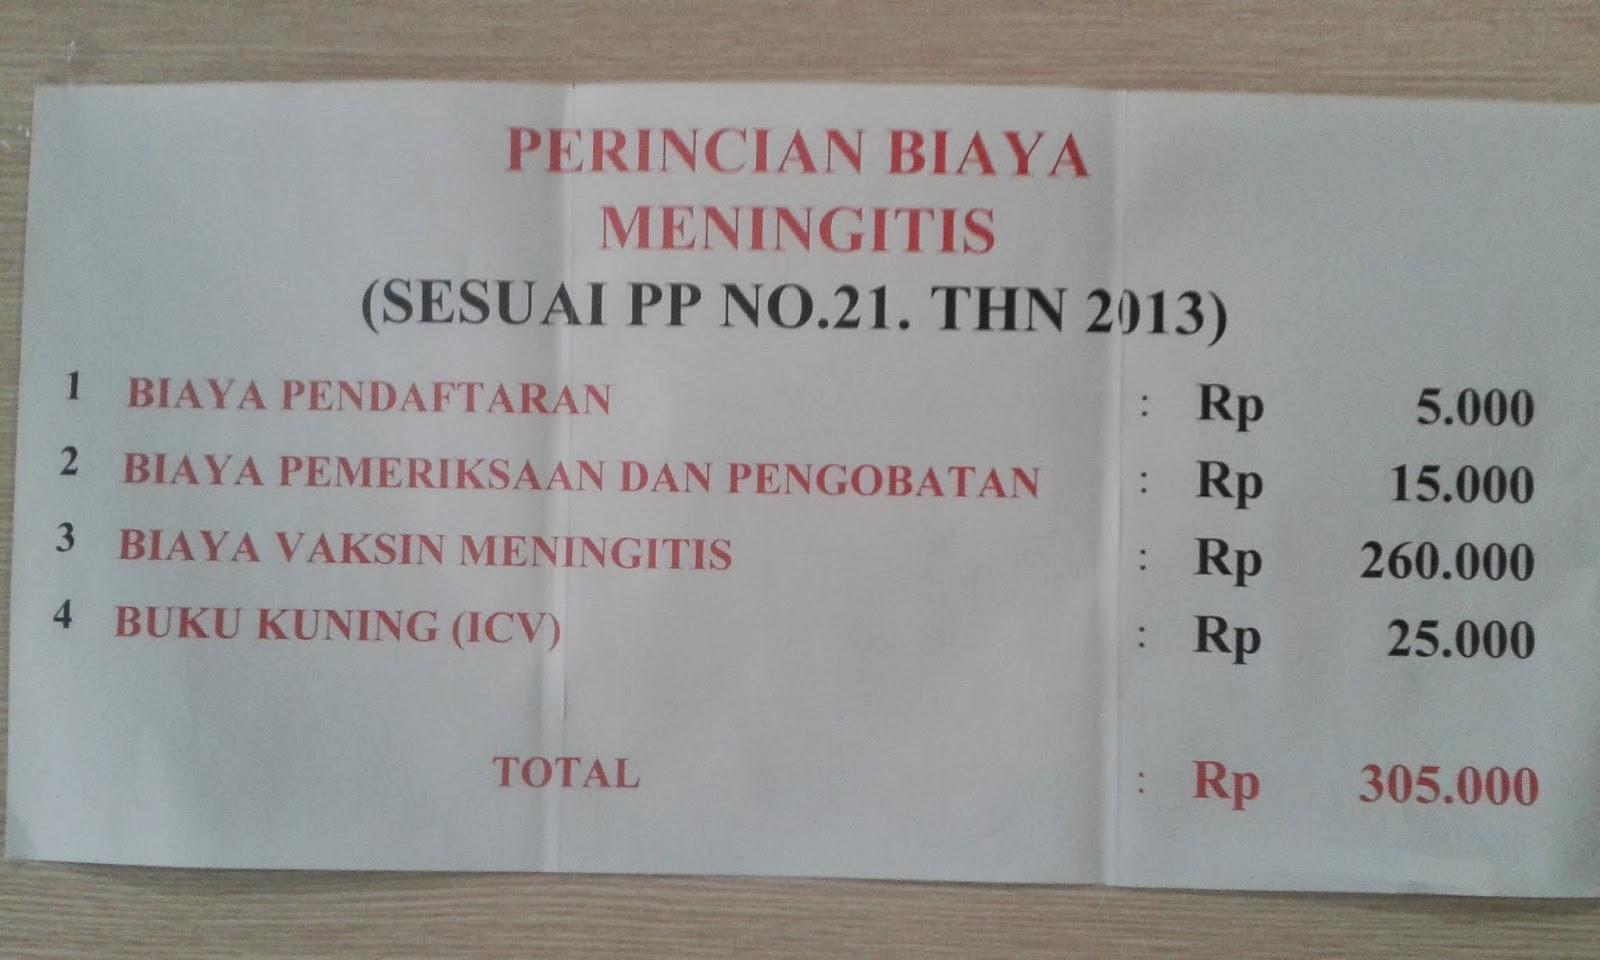 Kkp Kelas I Tanjung Priok Pelayanan Vaksin Meningitis